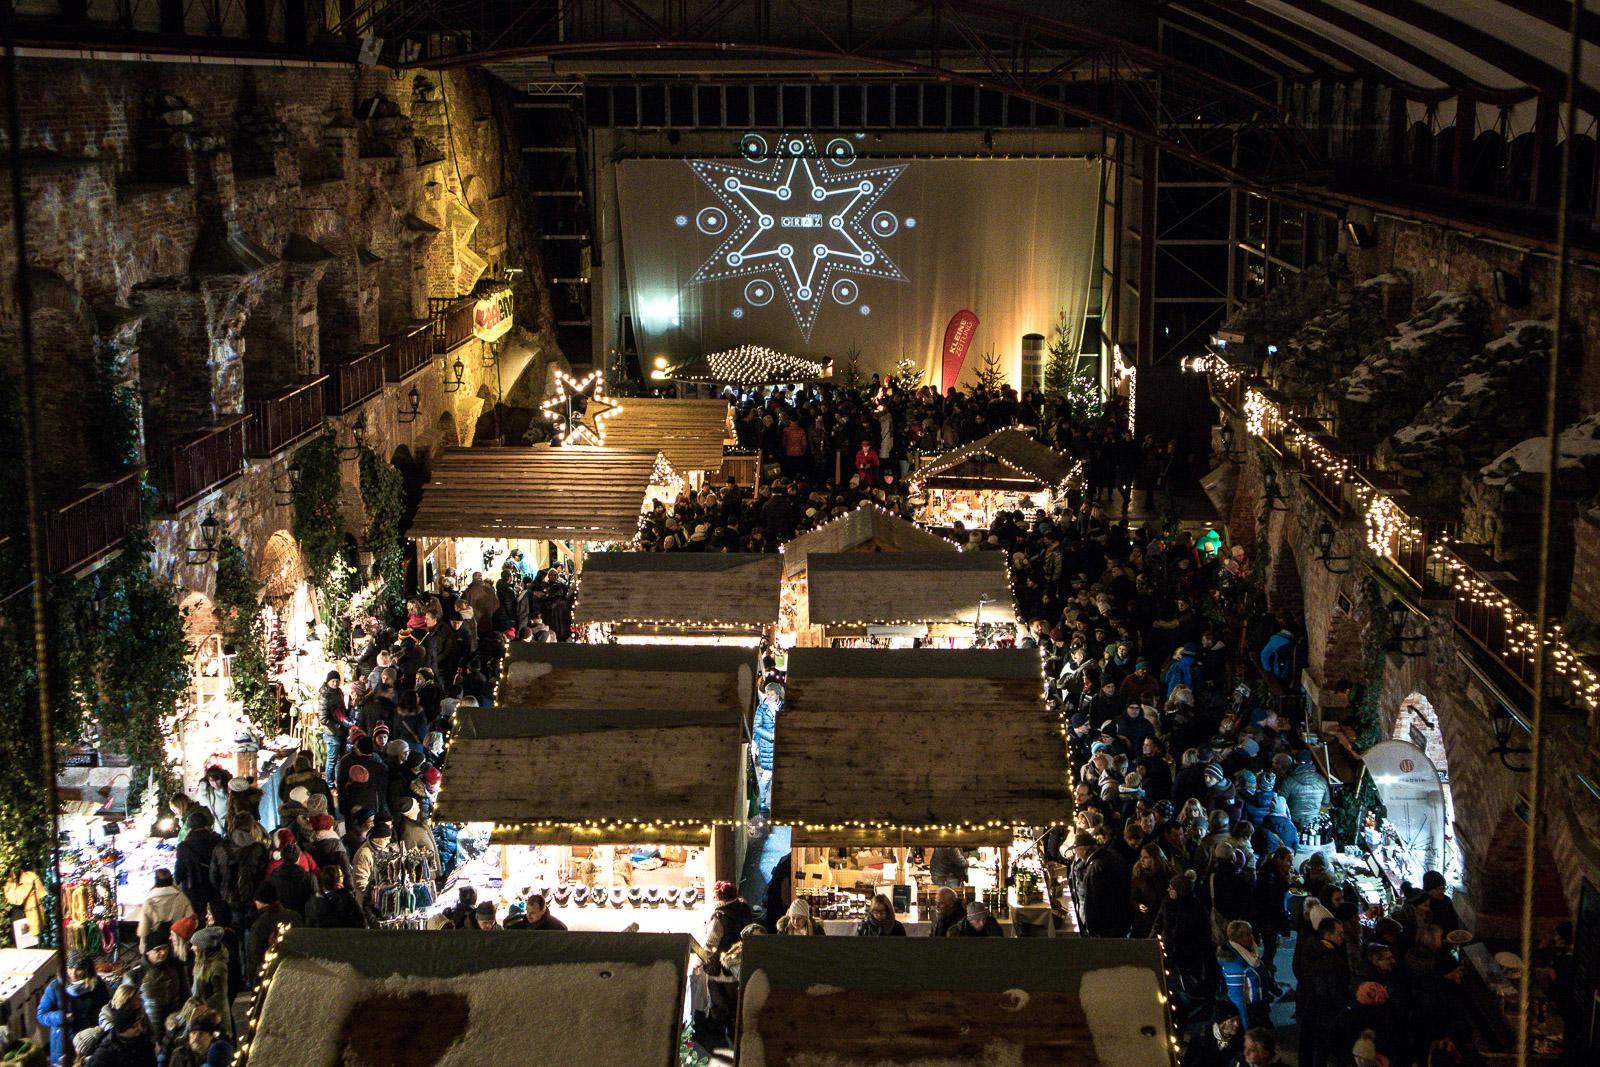 LIFESTYLE Adventszeit in Graz - Weihnachtsmärkte, Miss Classy, Lifestyle Blog Graz, classy, Christkindlmarkt, Weihnachtsmarkt, Graz, Glühwein, Punsch, Advent in Graz, Weihnachtsmarkt am Schlossberg, Kasematten